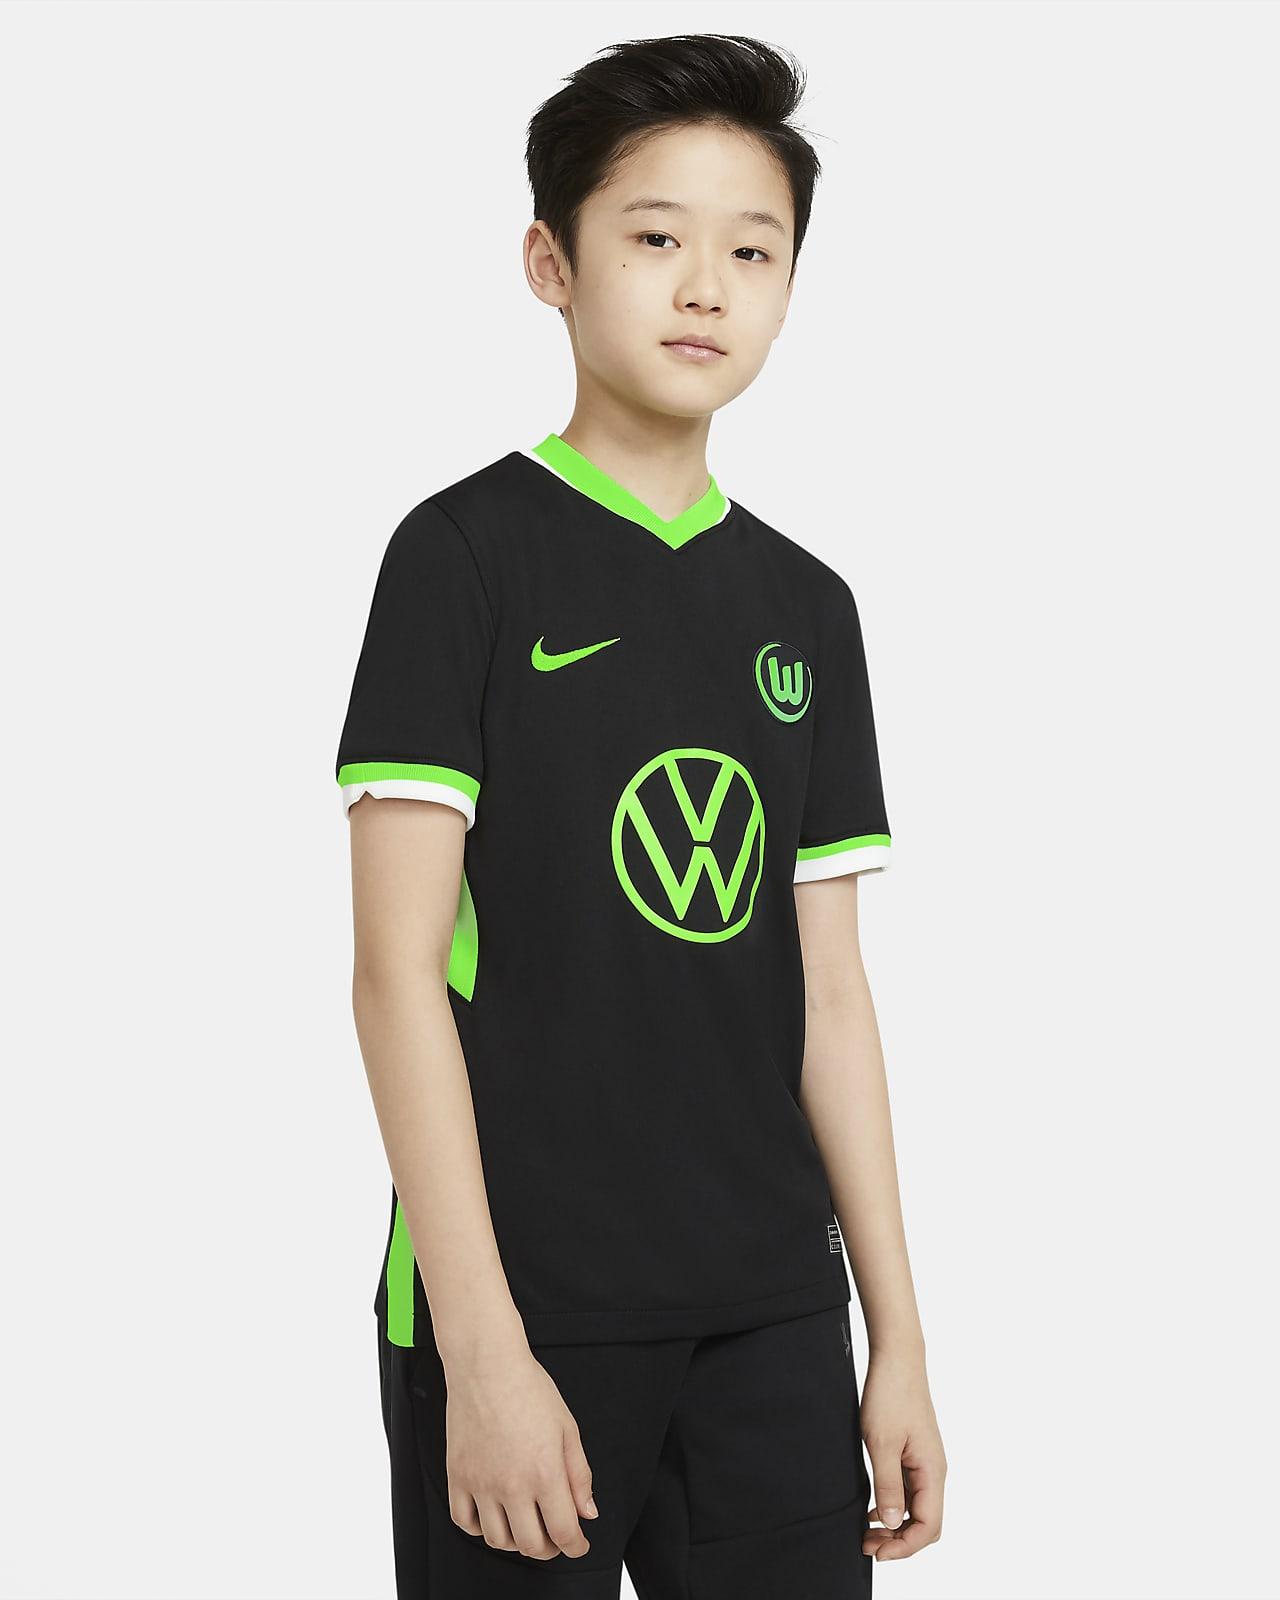 Camiseta de fútbol para niños talla grande de visitante Stadium del VfL Wolfsburg 2020/21